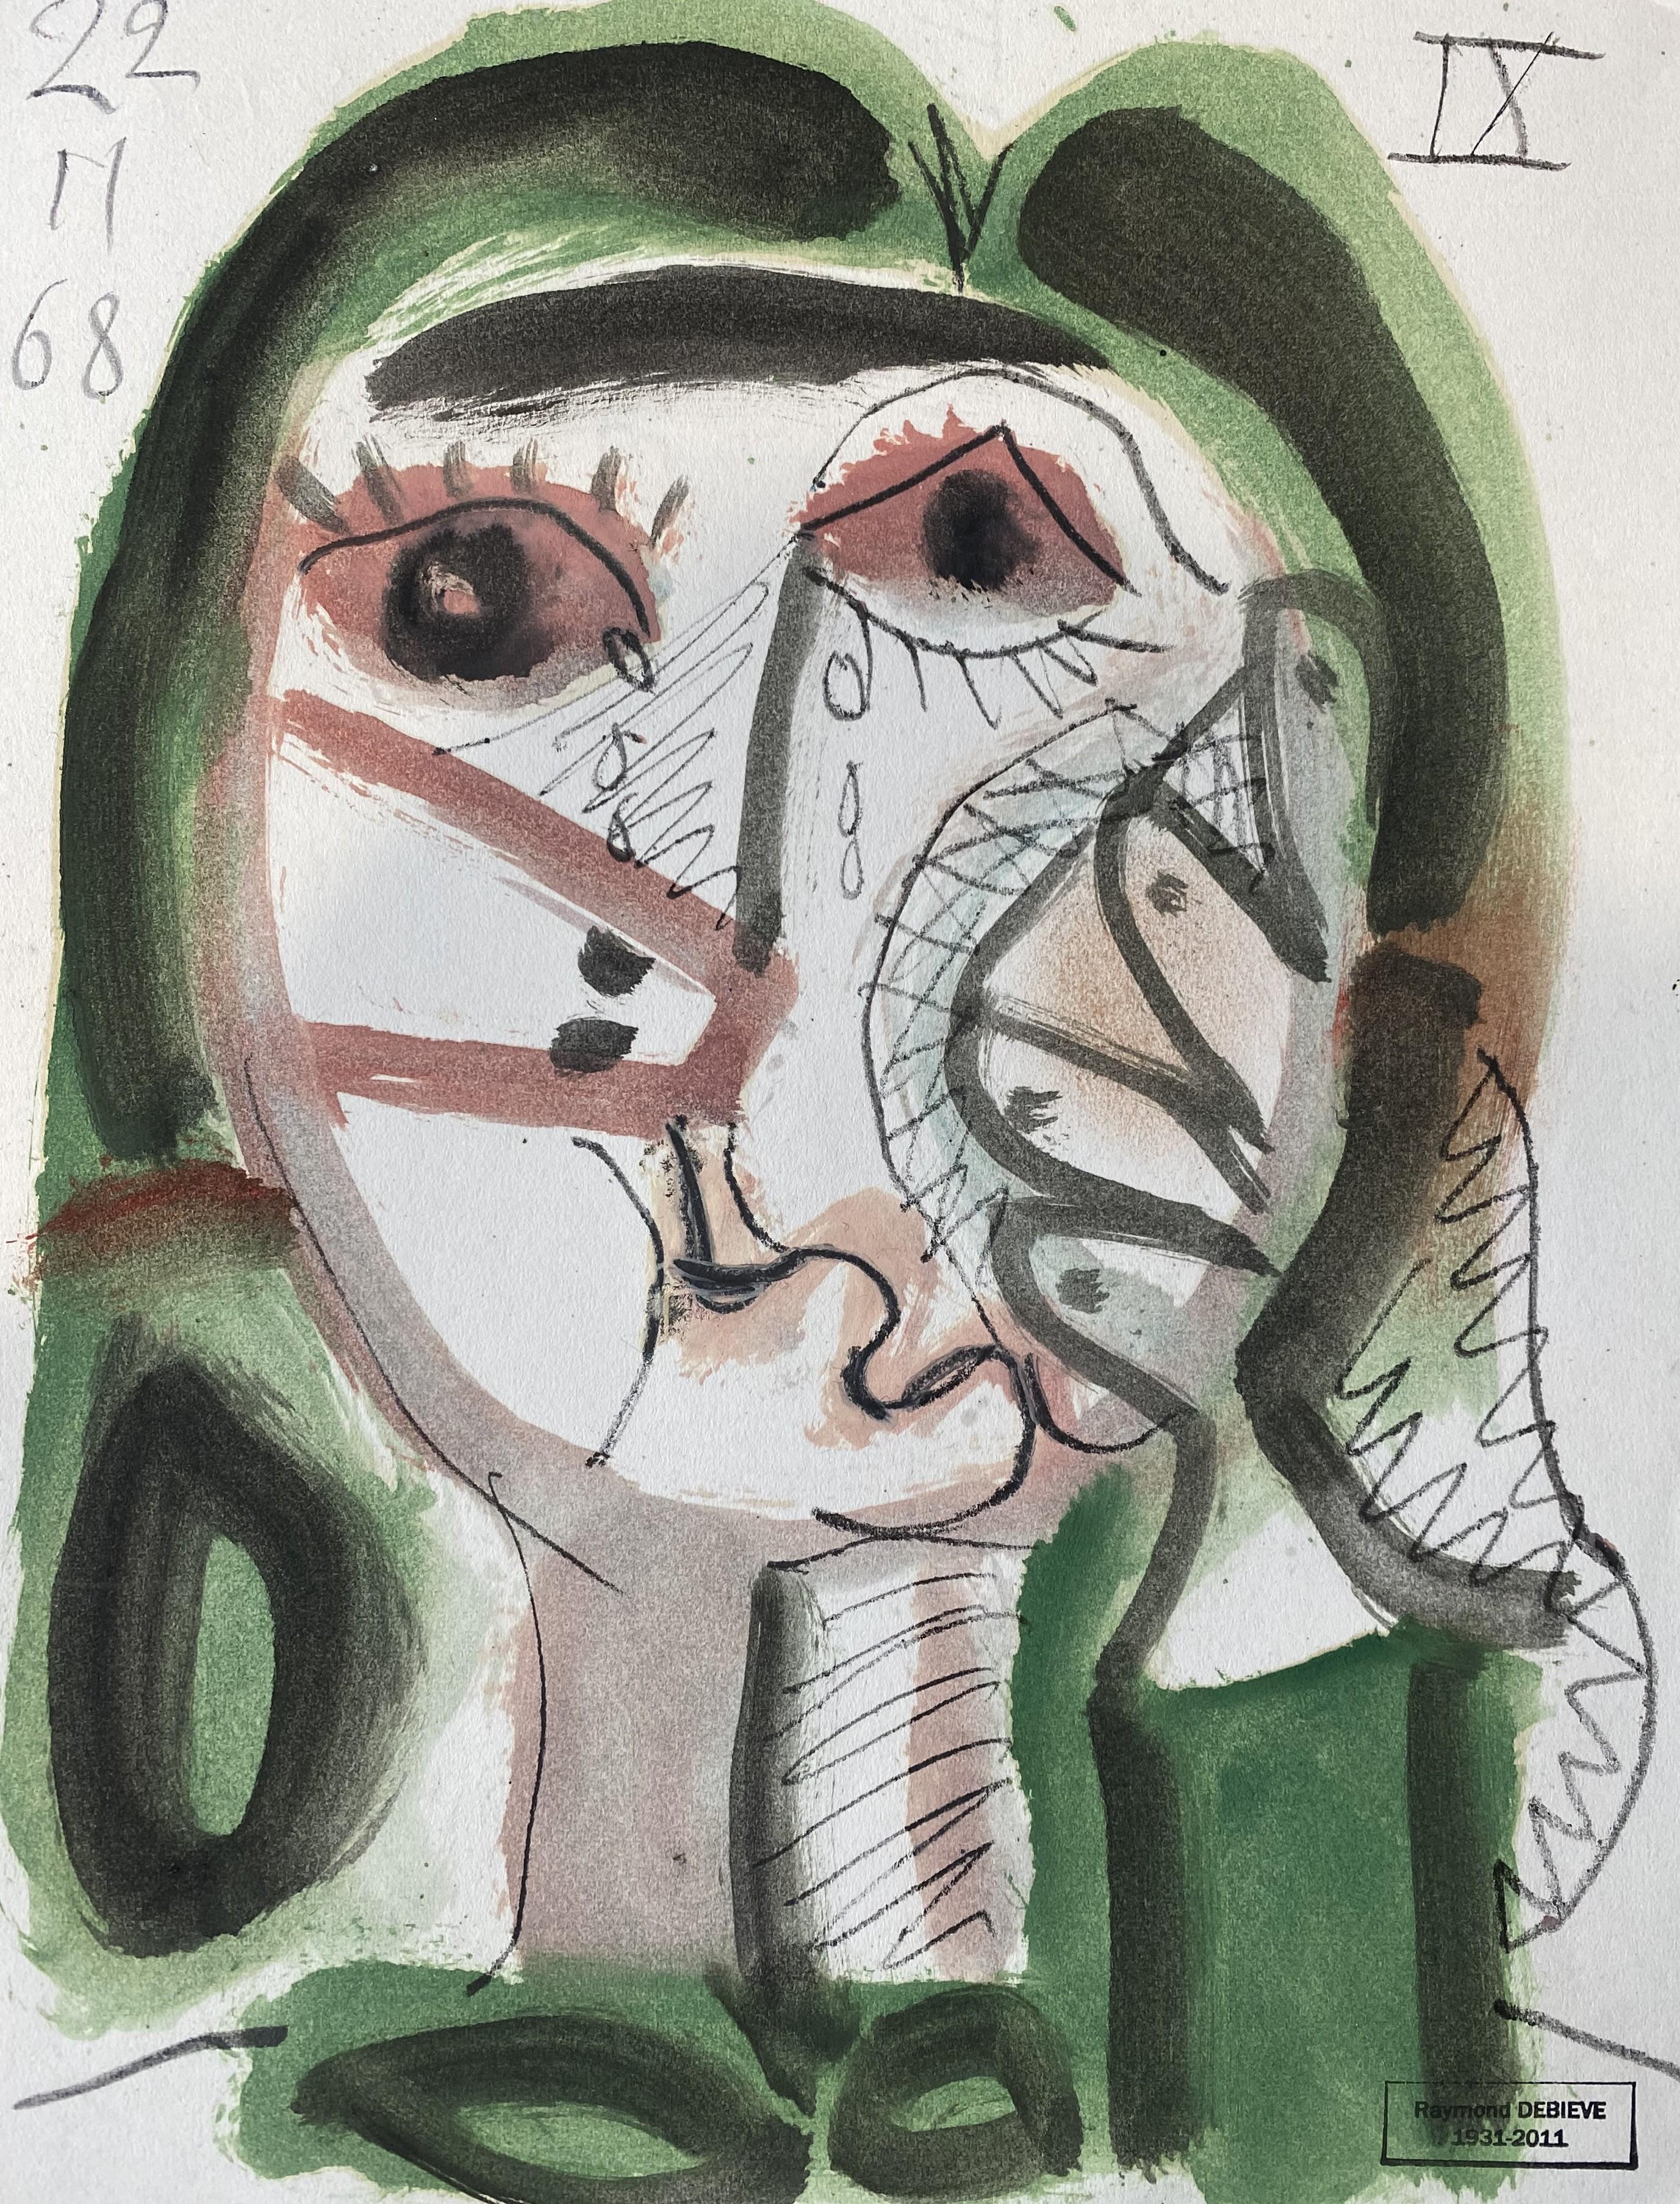 Jeannette Raymond Debieve, French Cubist Portrait on Paper